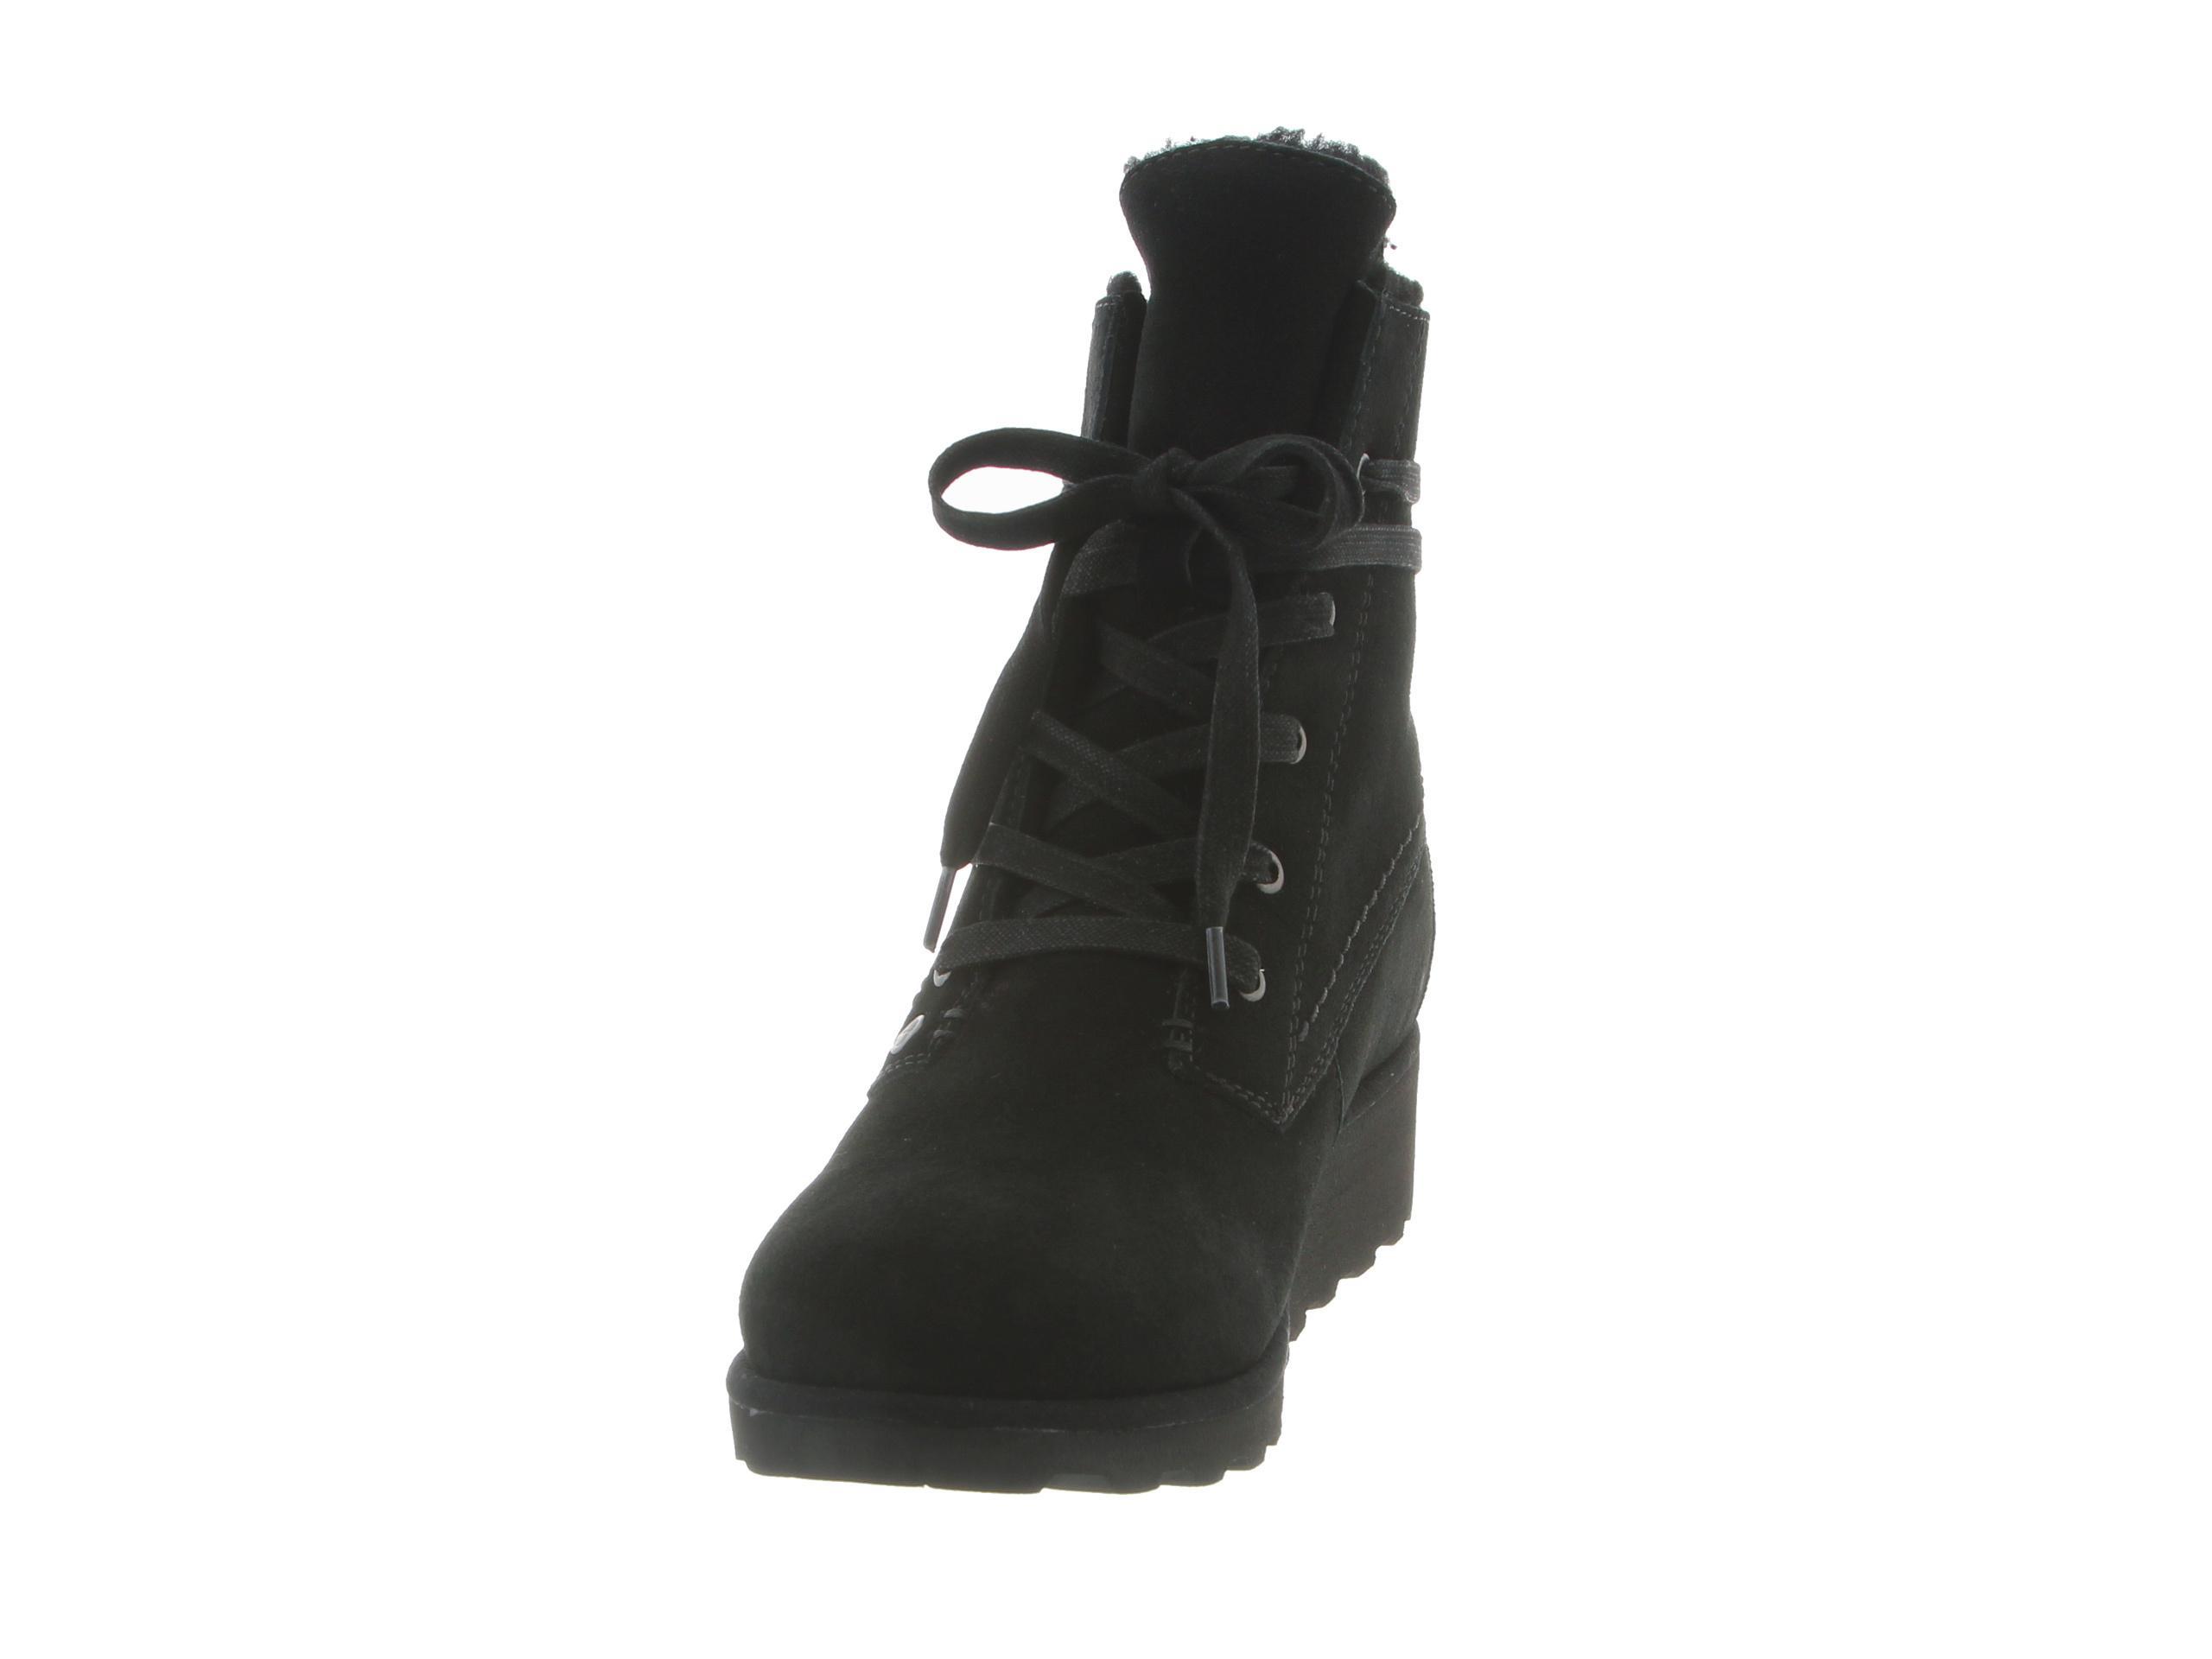 Bearpaw KRISTA Stiefel von Damen schwarz II (011) im Online Shop von Stiefel SportScheck kaufen Gute Qualität beliebte Schuhe e58839